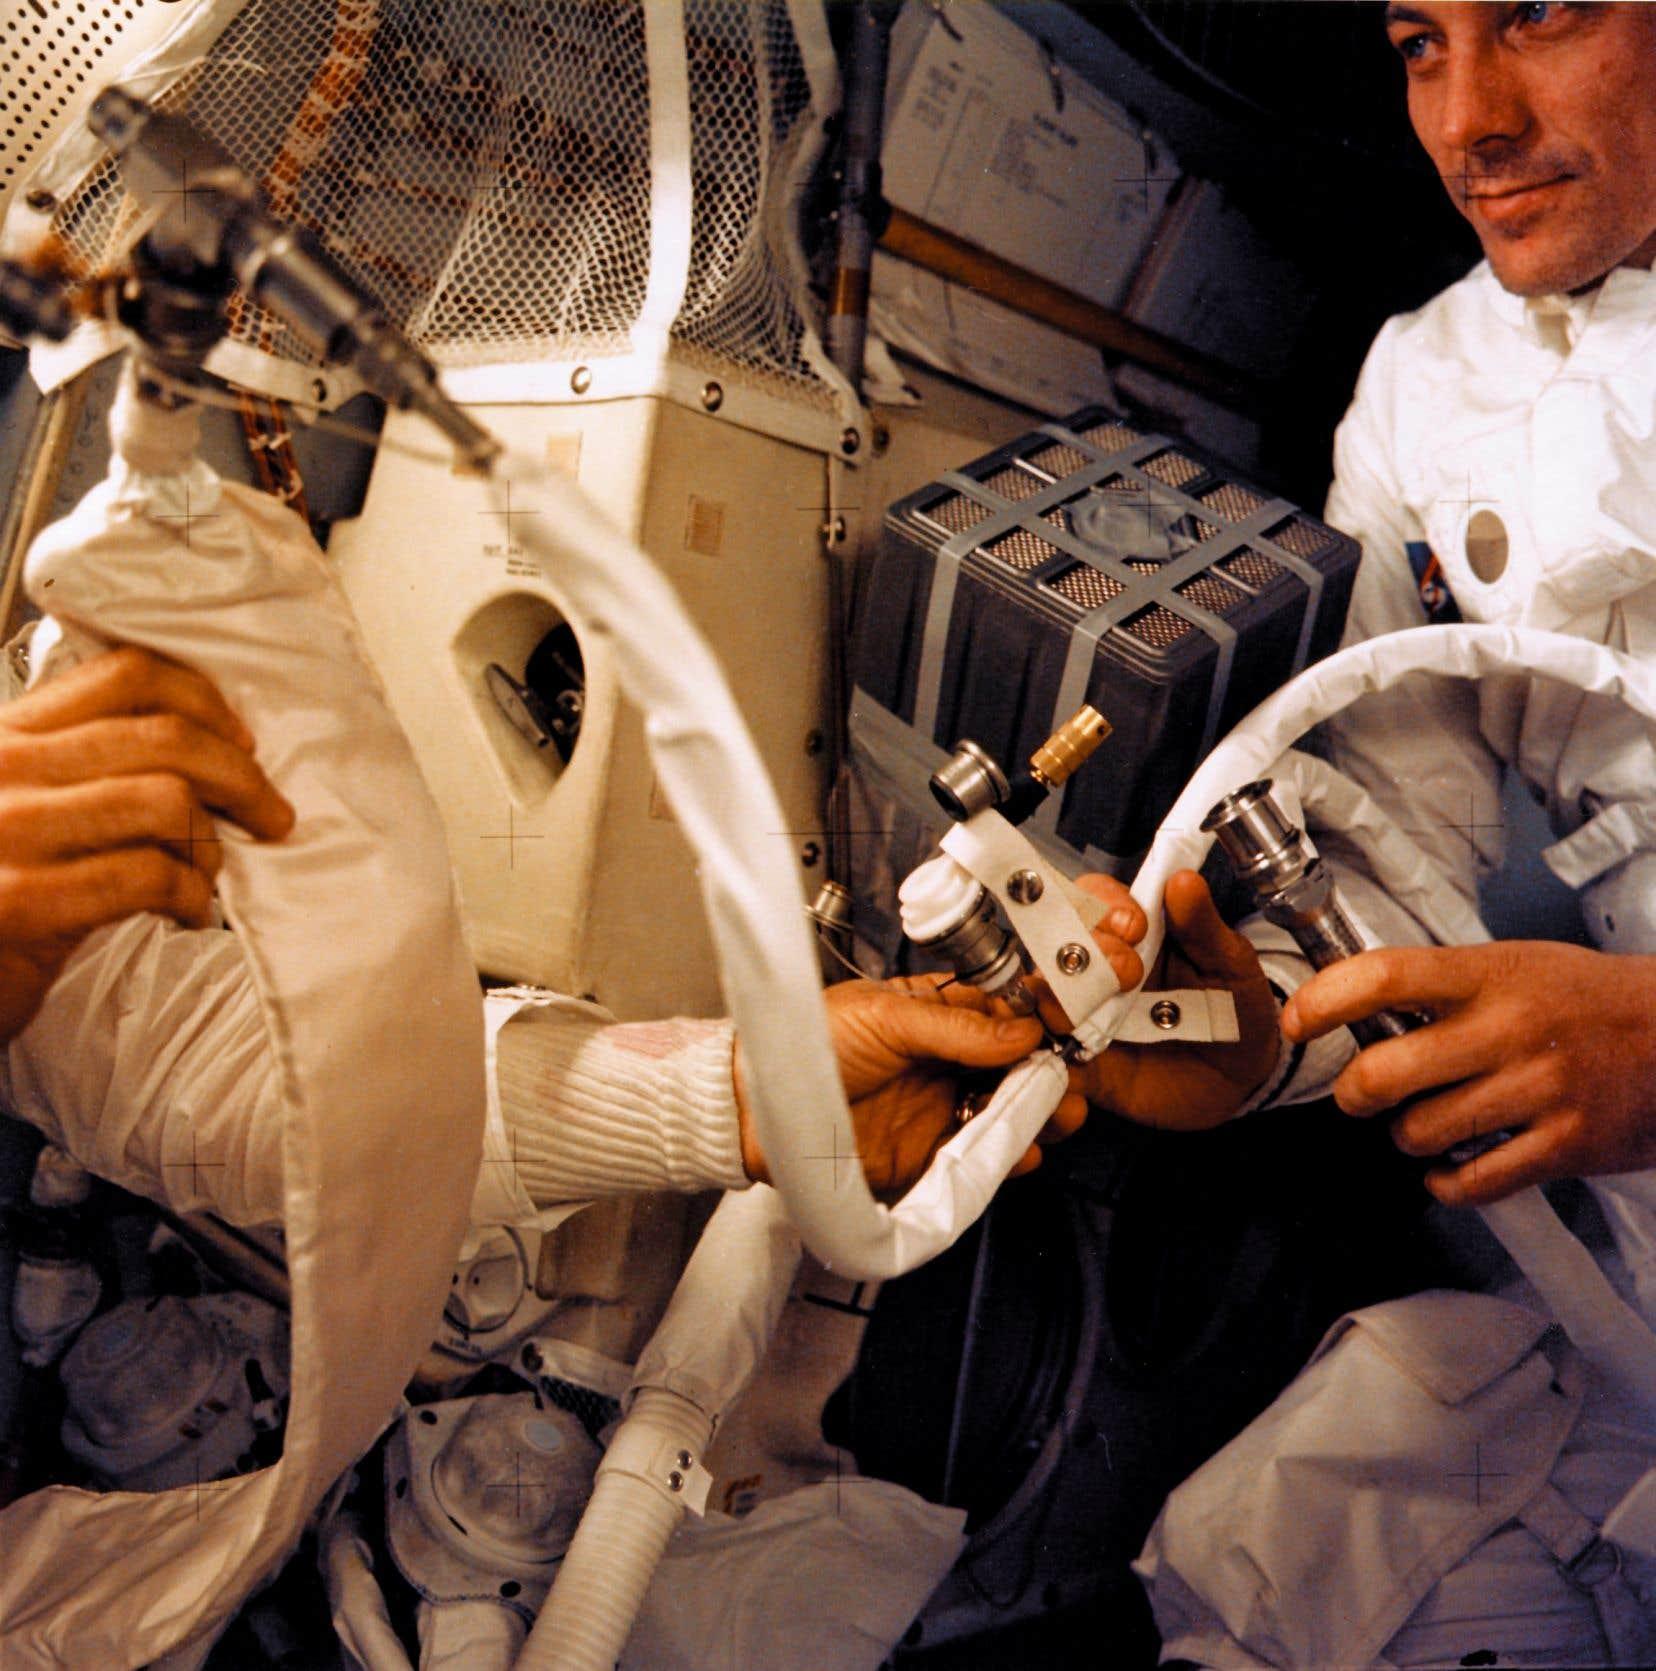 La première saison de <i>13 Minutes to the Moon</i>, grande production de la BBC, s'attardait dans le détail à la mythique mission <i>Apollo 11</i>. La deuxième saison, dont les deux premiers épisodes sont déjà parus, raconte pour sa part l'histoire du vol avorté d'<i>Apollo 13</i>, notamment popularisé par le film du même nom.